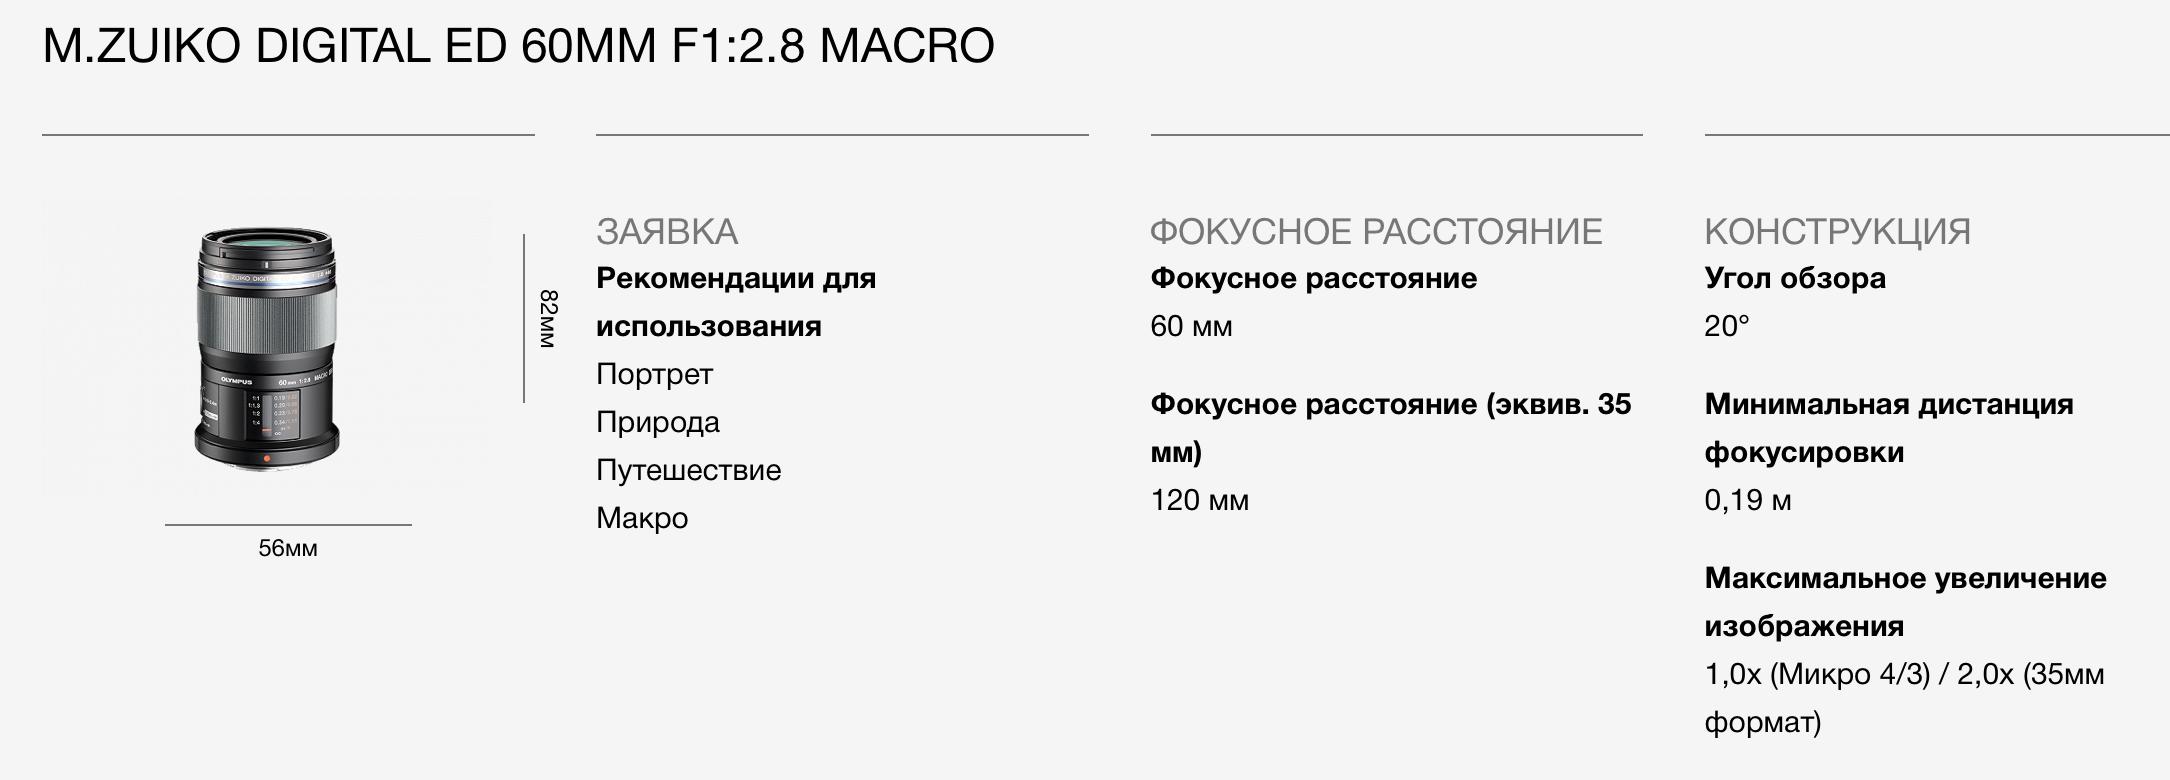 Screenshot 2021-02-20 at 20.58.43.png